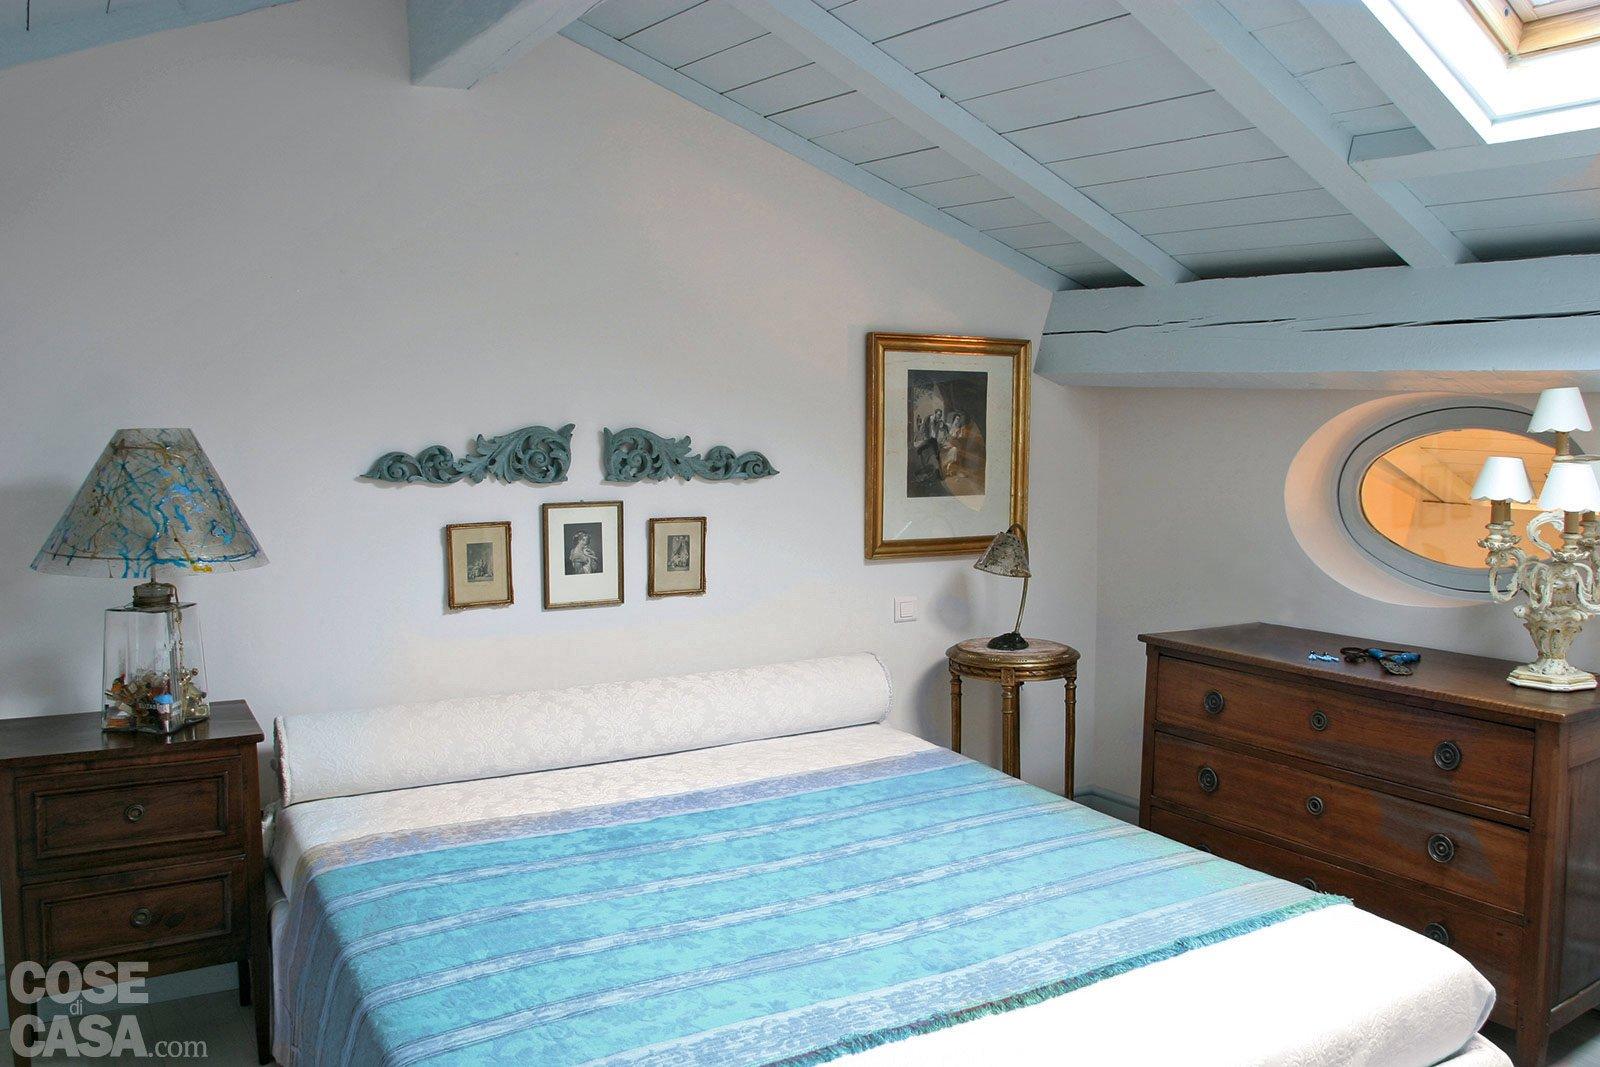 60 mq un sottotetto classico in tonalit pastello cose - Camera da letto con camino ...